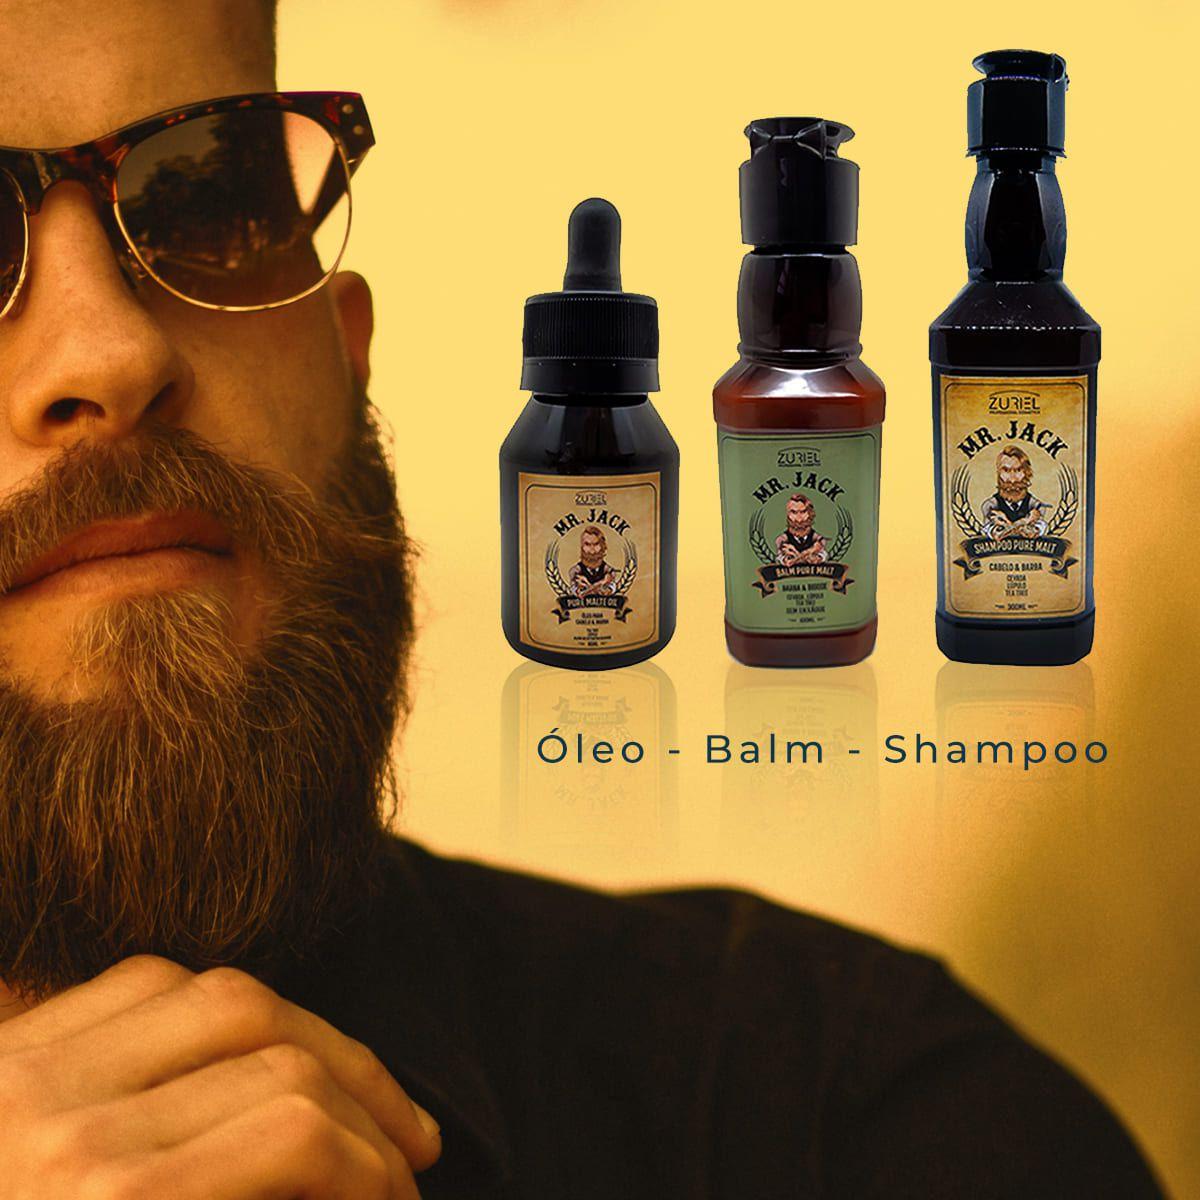 Kit Cuidados com a Barba Mr Jack 01 - Balm, Óleo e Shampoo